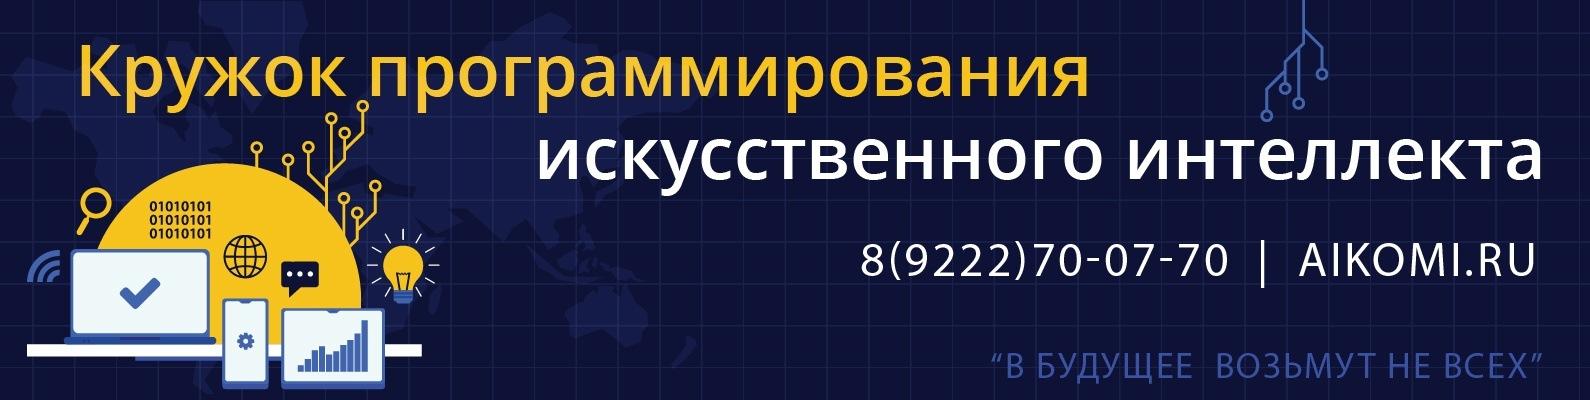 Кружок по искусственному интеллекту открывается в Сыктывкаре